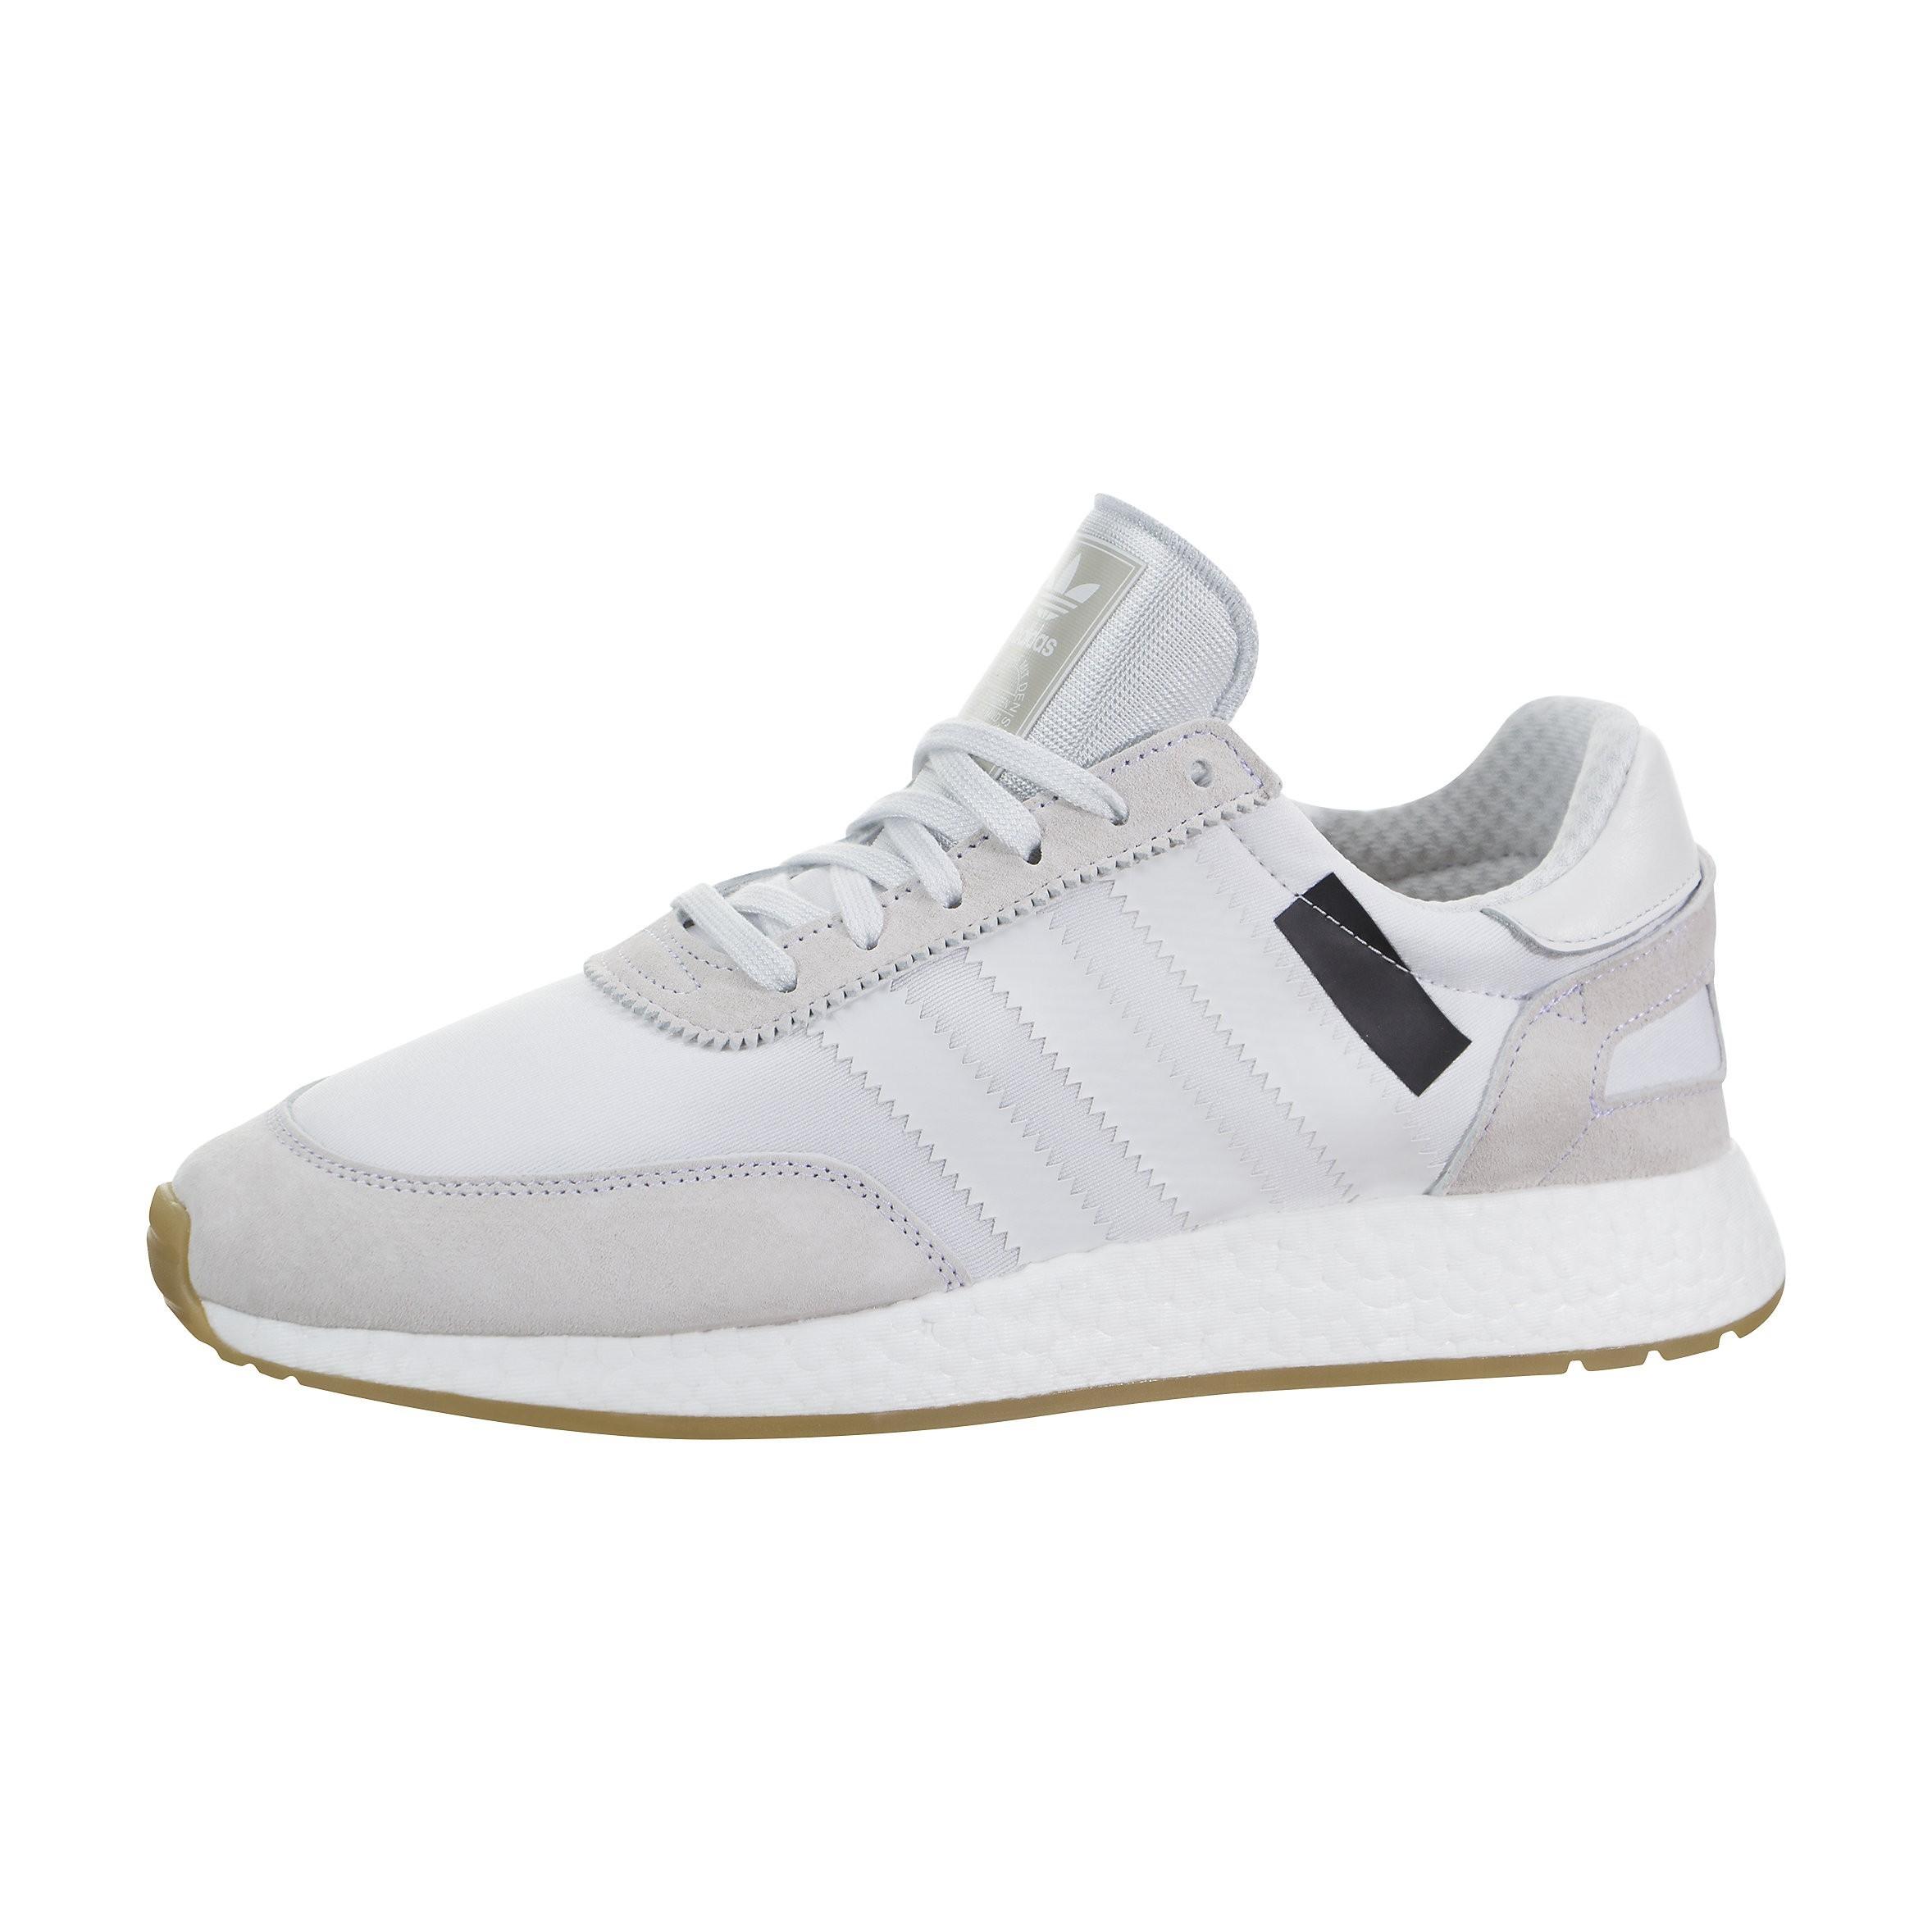 Hombre Adidas Iniki Runner 'I-5923' B42224 Blancas/Blancas